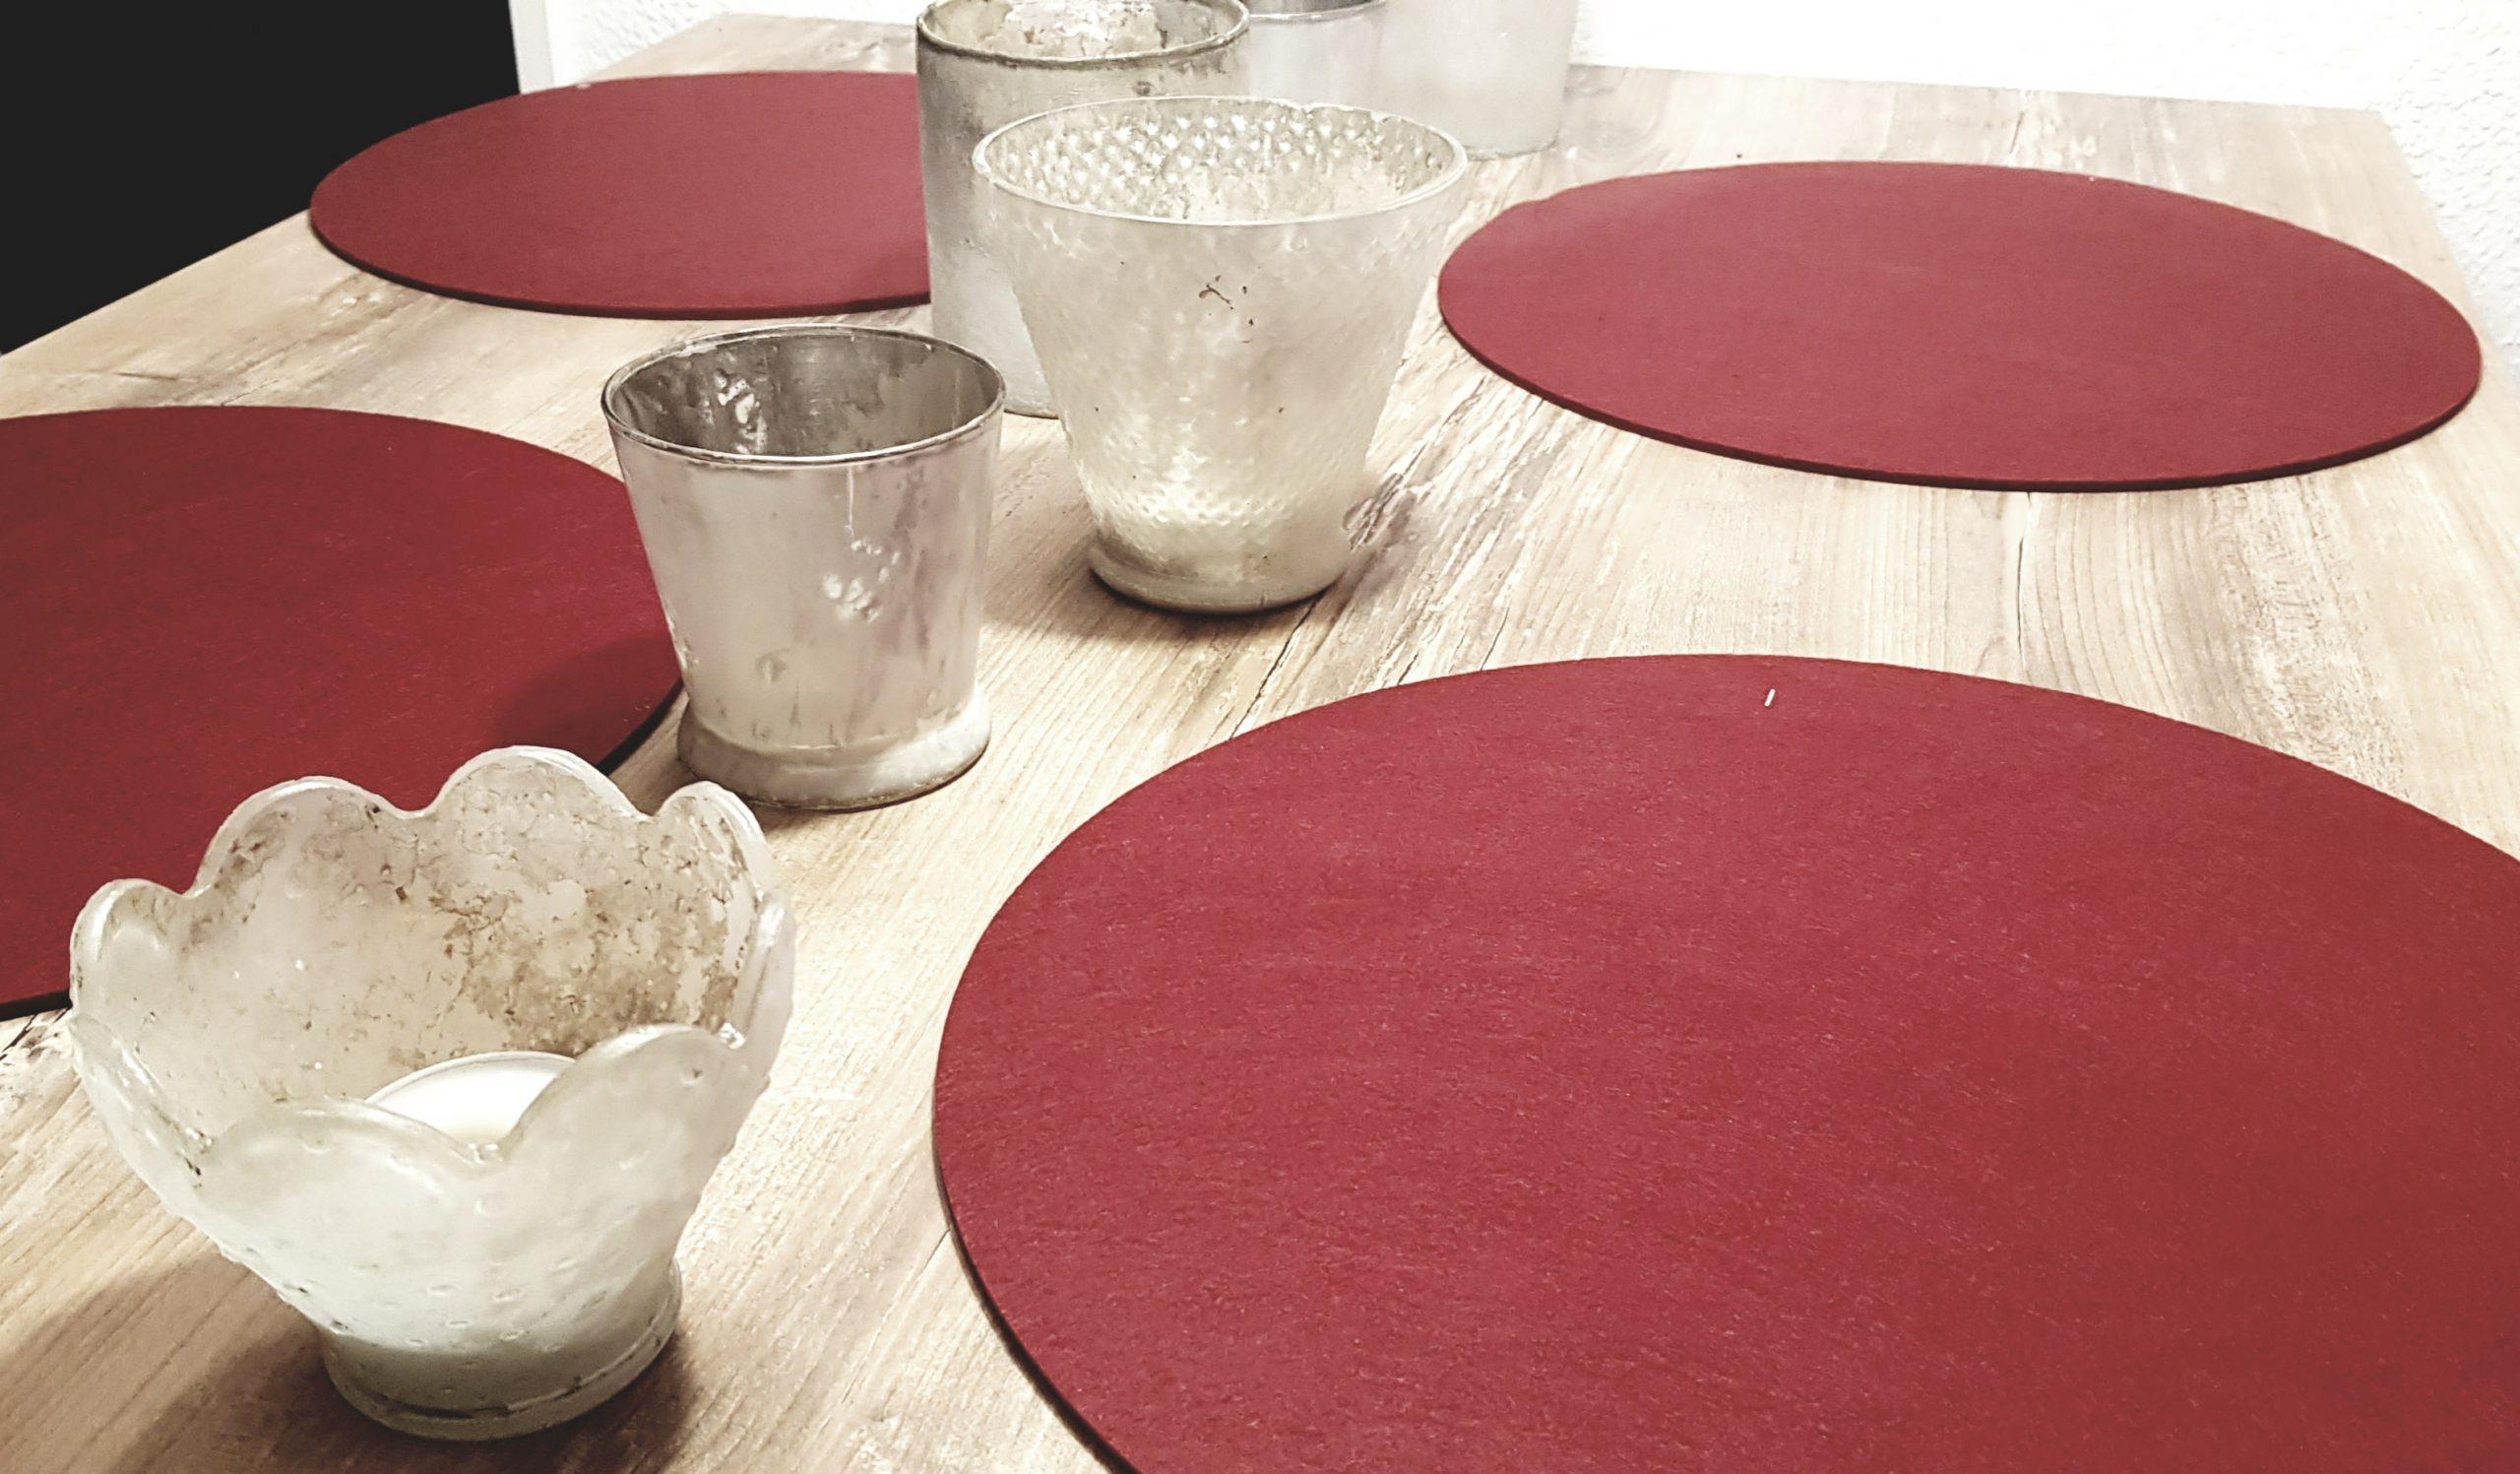 Roter Filz-Untersetzter rund auf Holztisch - Handgemachte individualisierbare Taschen, Körbe, Tischsets, Dekoartikel und mehr auf fideko.de der Onlineshop seit 2011